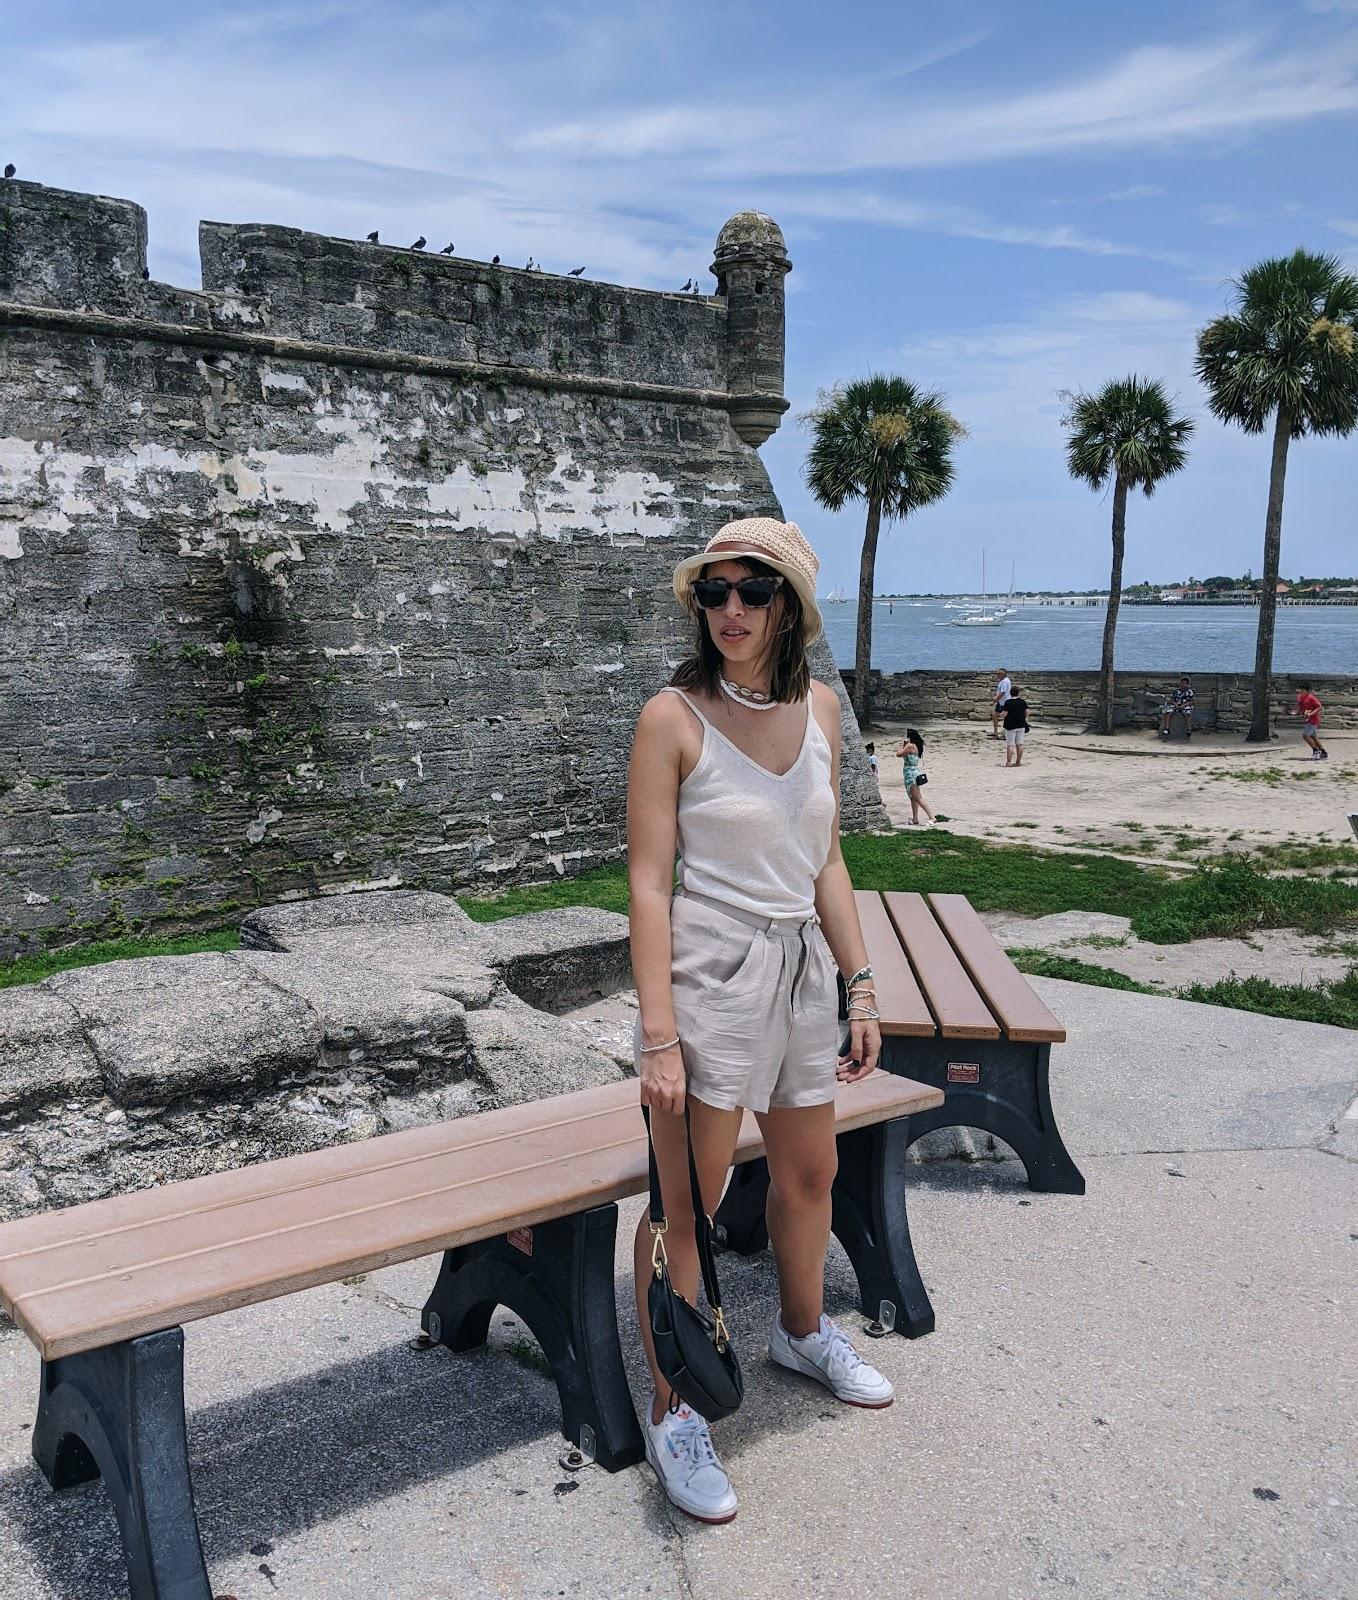 מבצר סנט מרקוס בסט. אוגוסטין טיול יום  מחוץ למיאמי מה יש לעשות בפלורידה